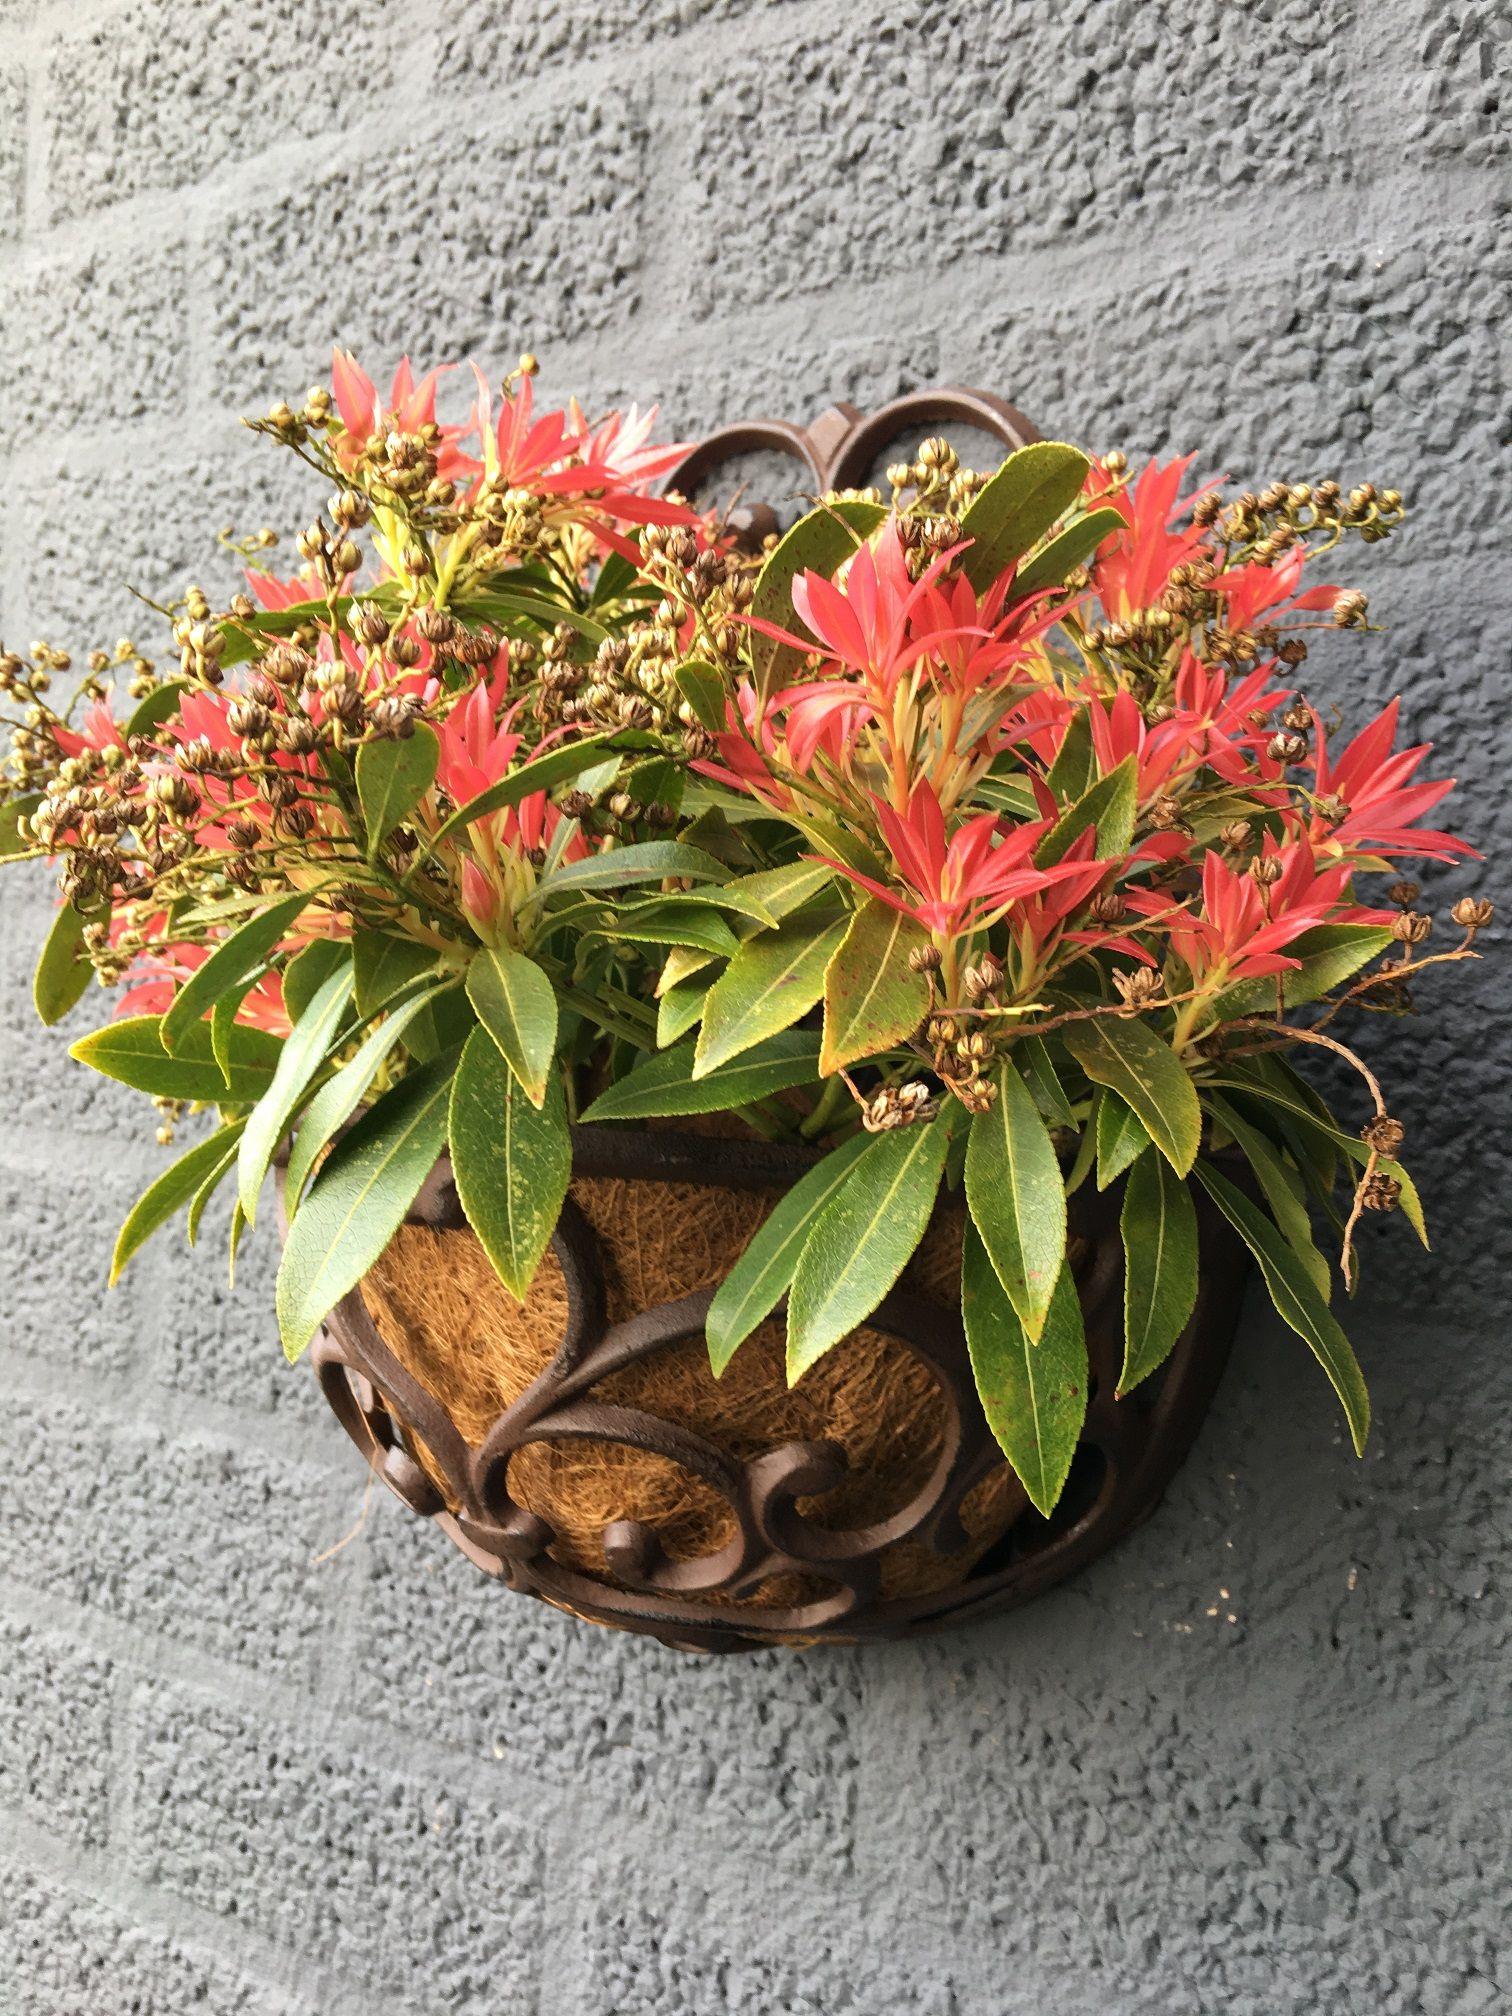 Bloembakken Voor Balkon.Tags Planter Planten Bloemen Bloembak Bloembakken Antieke